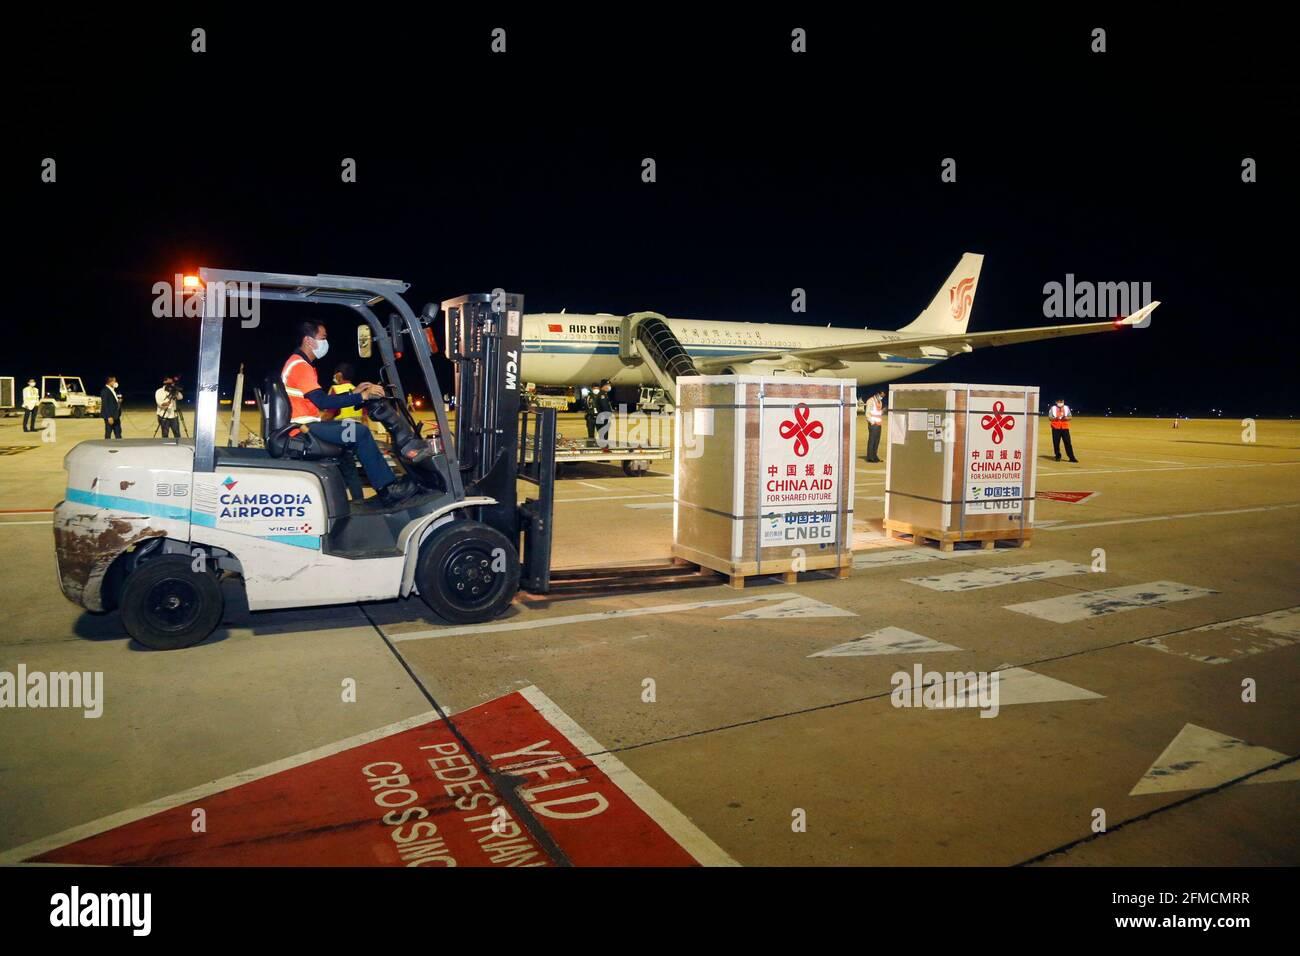 (210508) -- BEIJING, 8 mai 2021 (Xinhua) -- UN travailleur transporte le vaccin Sinopharm COVID-19 à l'aéroport international de Phnom Penh, au Cambodge, le 28 avril 2021. (Photo de Phearum/Xinhua) Banque D'Images